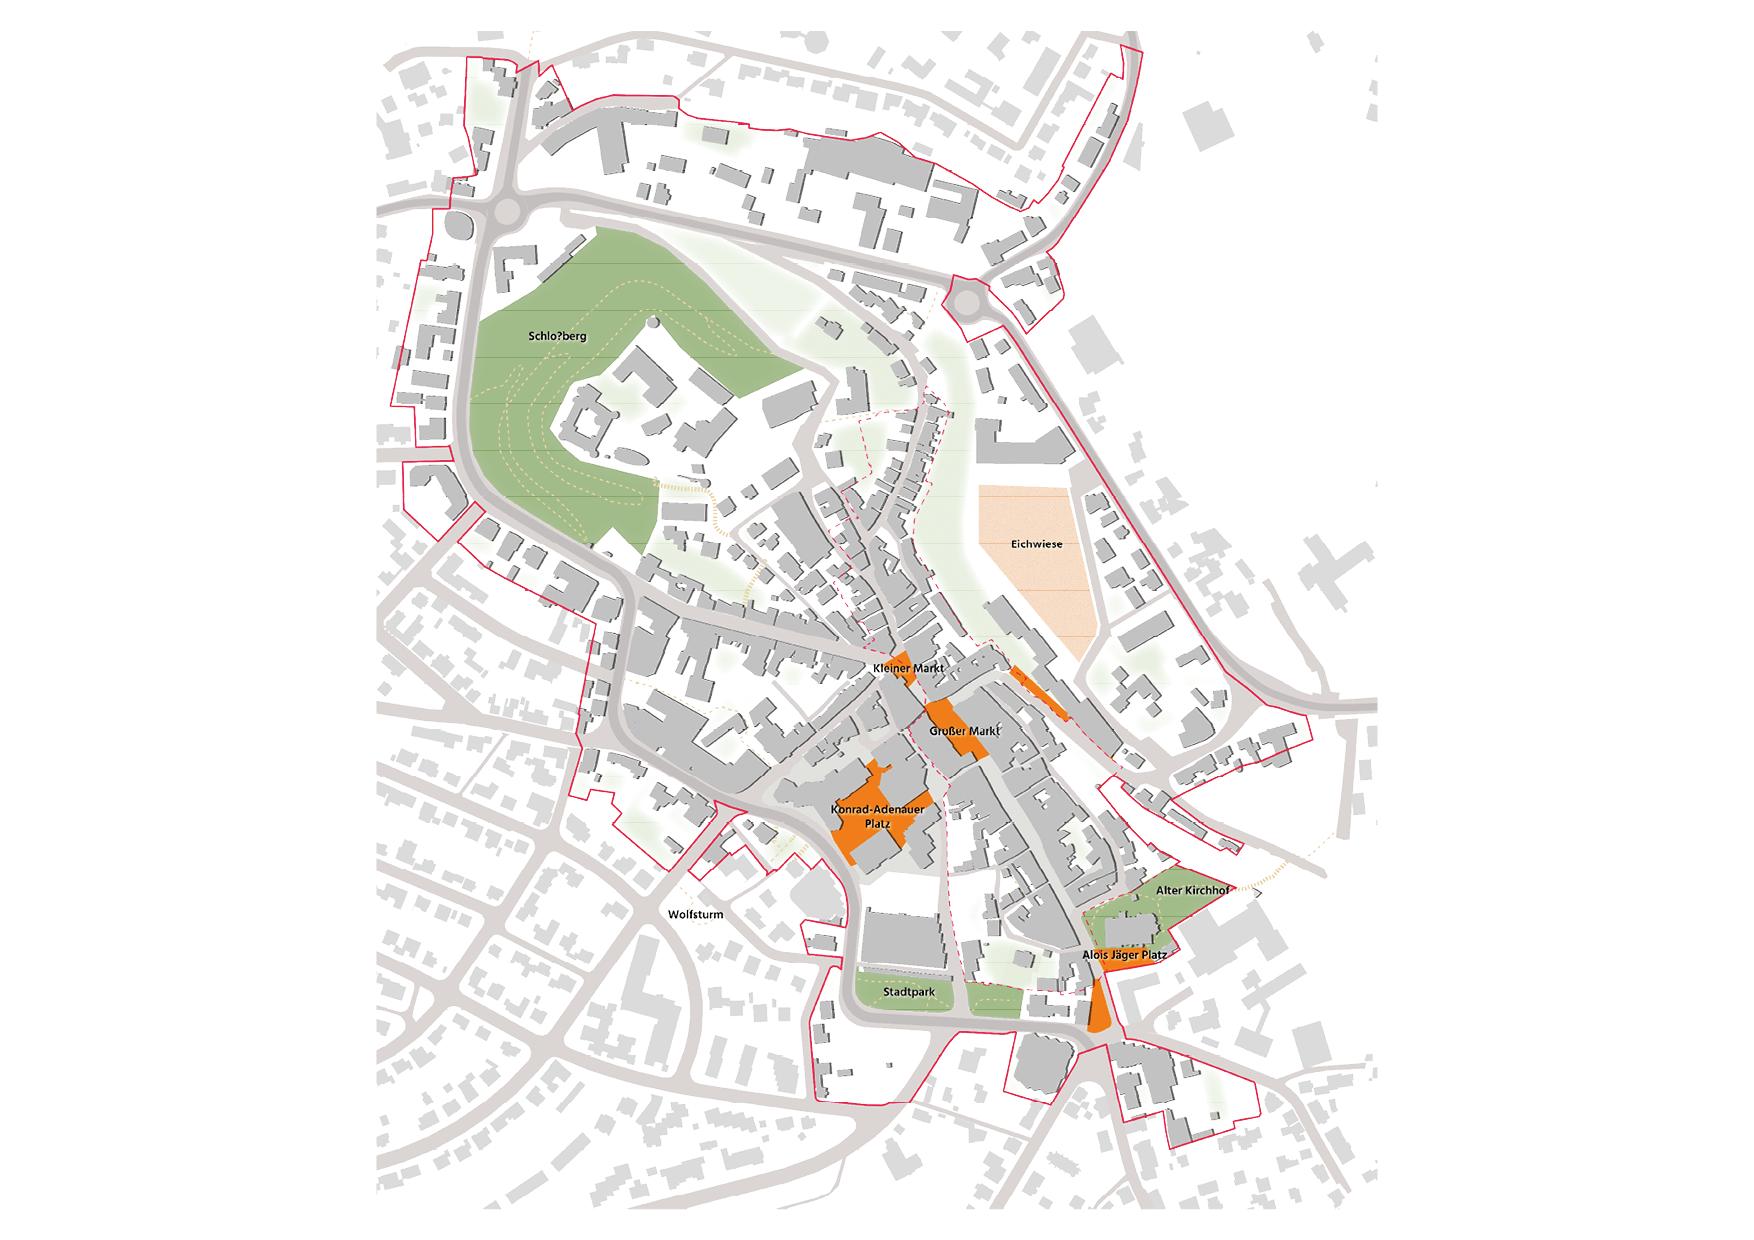 Montabaur Integriertes Städtebauliches Entwicklungskonzept ISEK Freiraum Plätze Karte